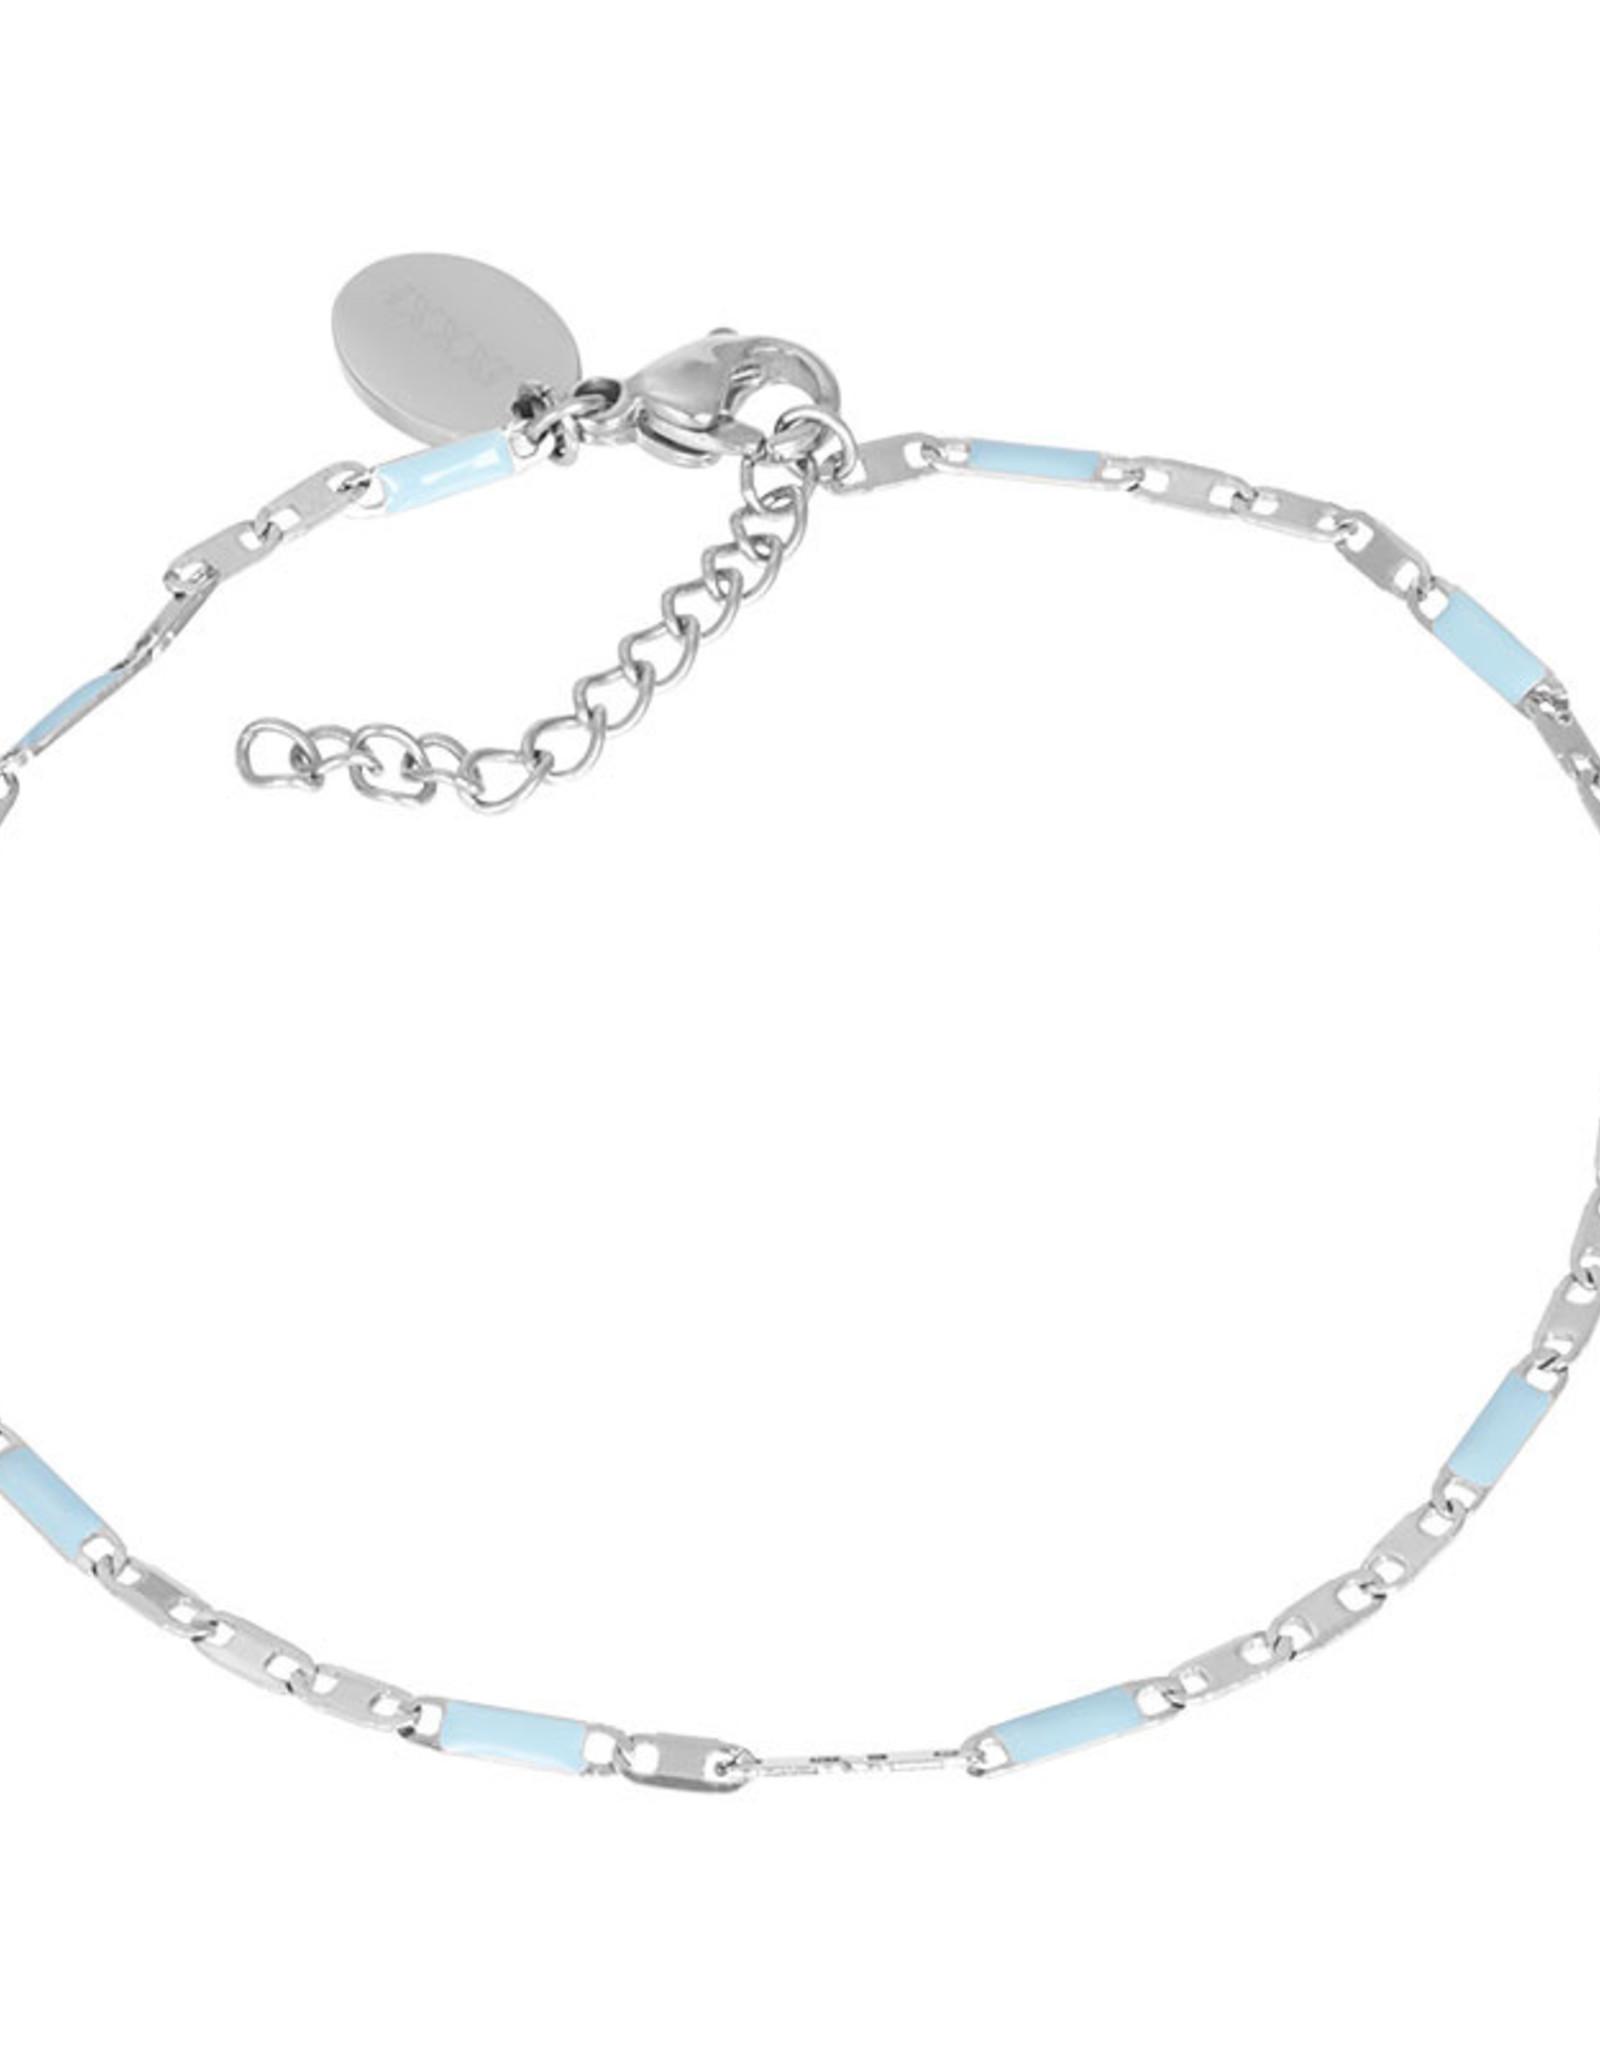 b0038599003 silver/blue